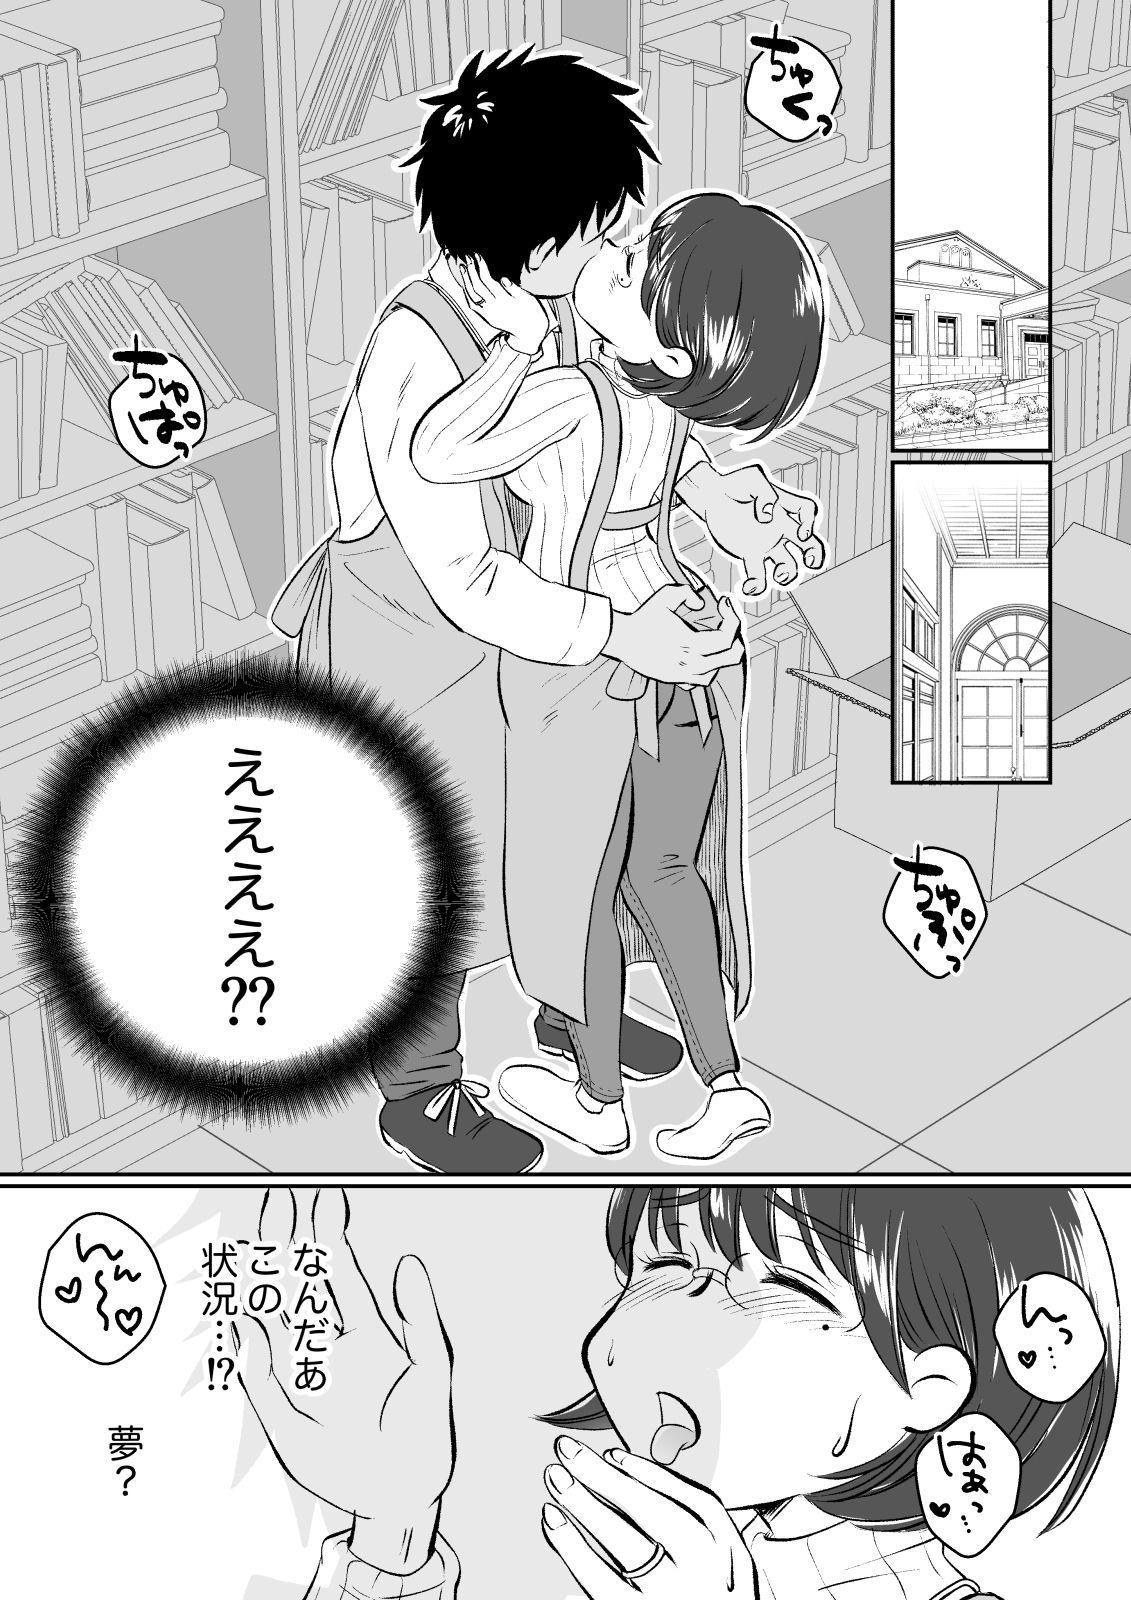 [Megitsune Works] Wakazuma-san wa Yokkyuu Fuman! Akogare no Shisho no Wakazuma-san ga Gakusei Beit no Boku no Fudeoroshi o Shite kuremashita. 22